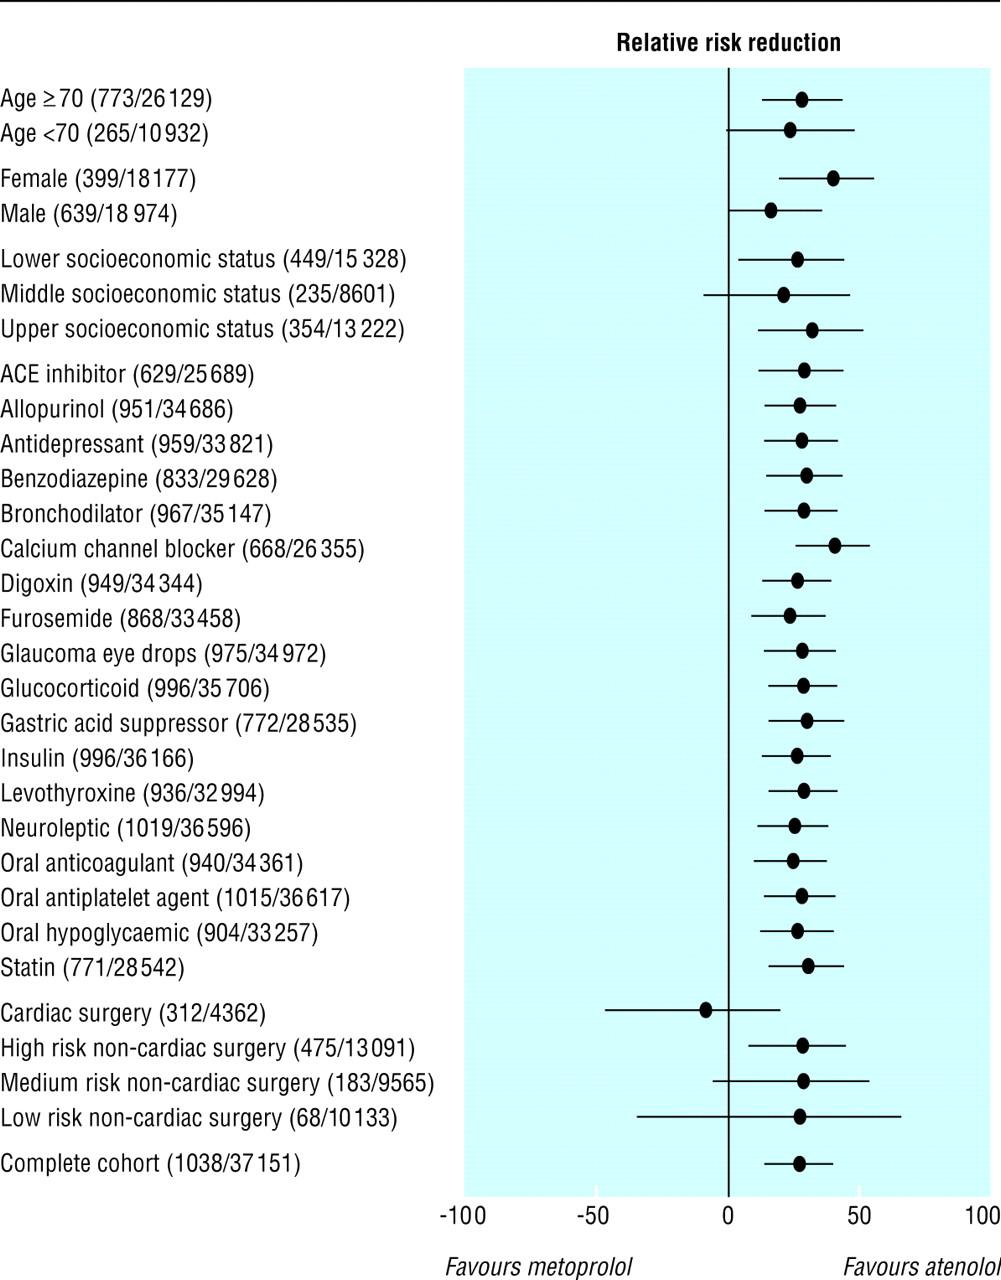 β blockers for elective surgery in elderly patients population